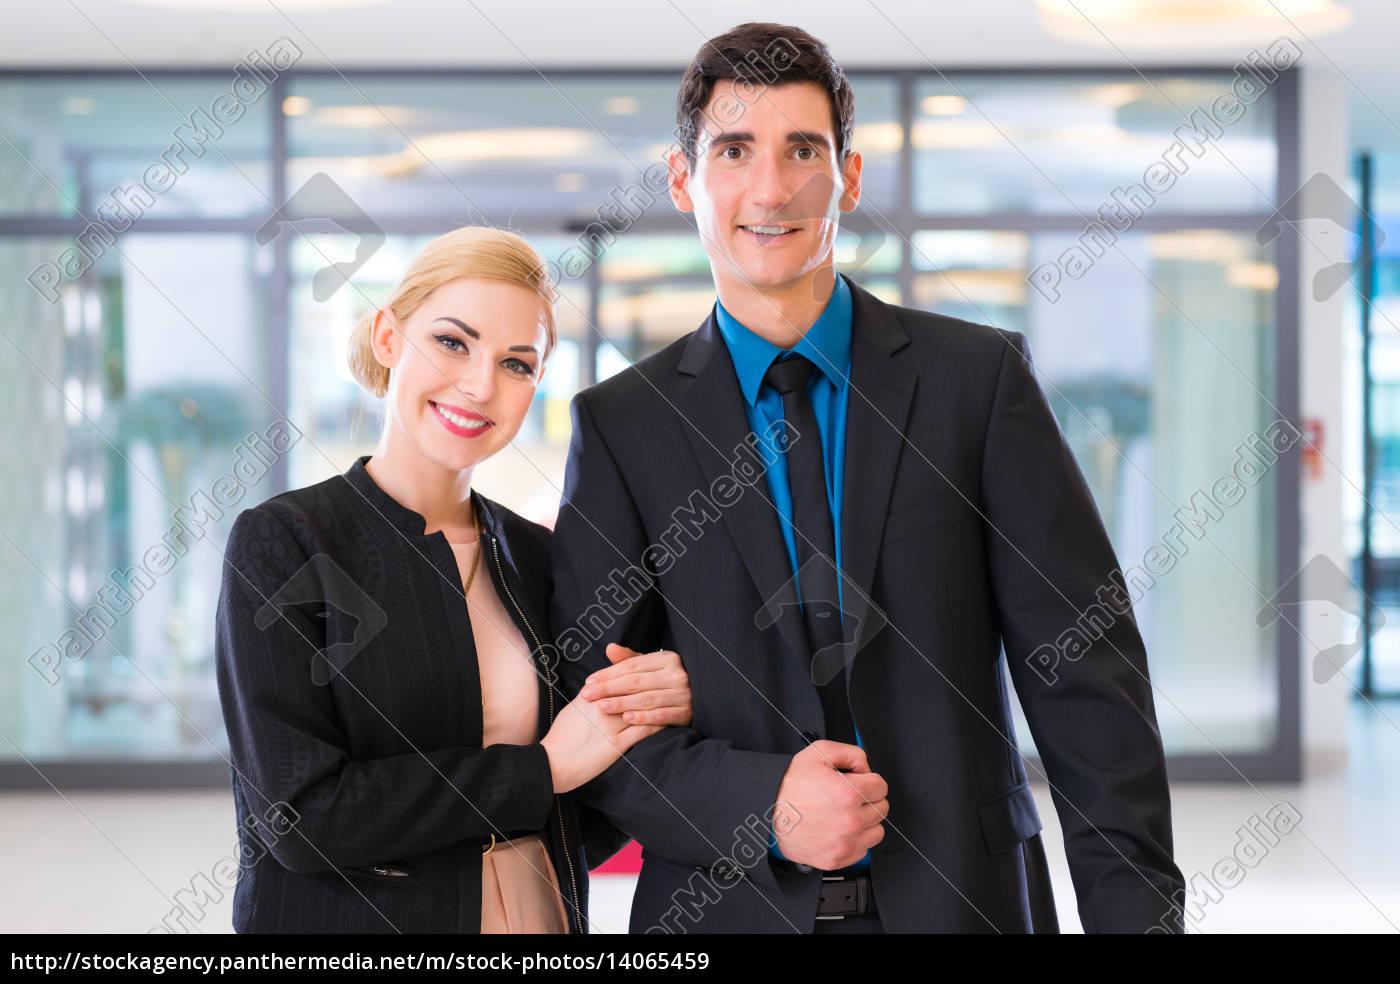 paar, bei, anreise, in, hotellobby, mit - 14065459